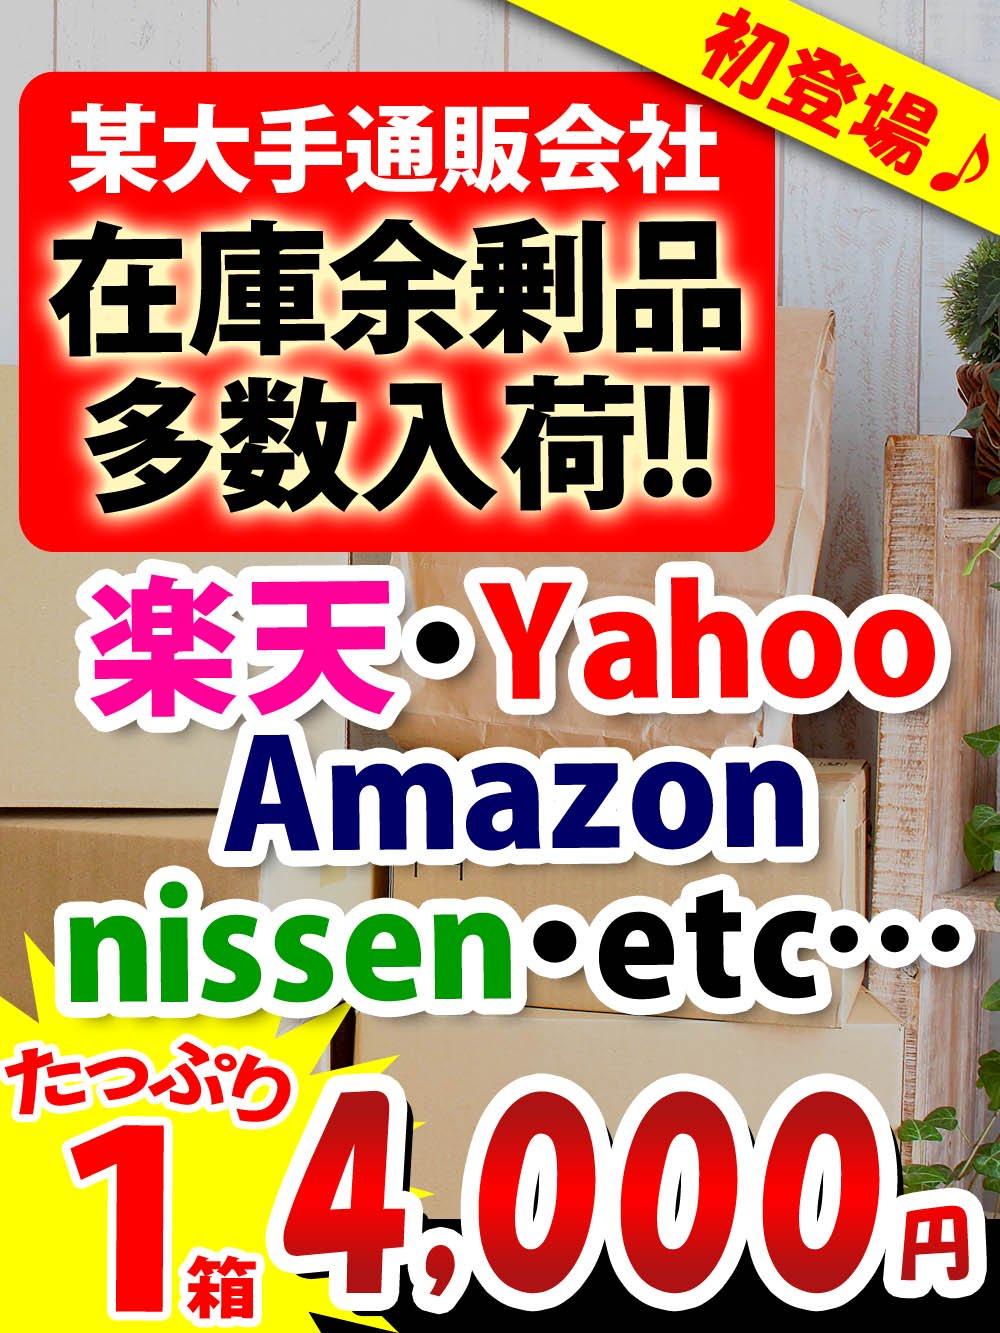 【某大手通販会社】楽天・Yahoo・Amazon・nissen・etc…初登場!在庫余剰品が多数入荷 【1箱】@4000